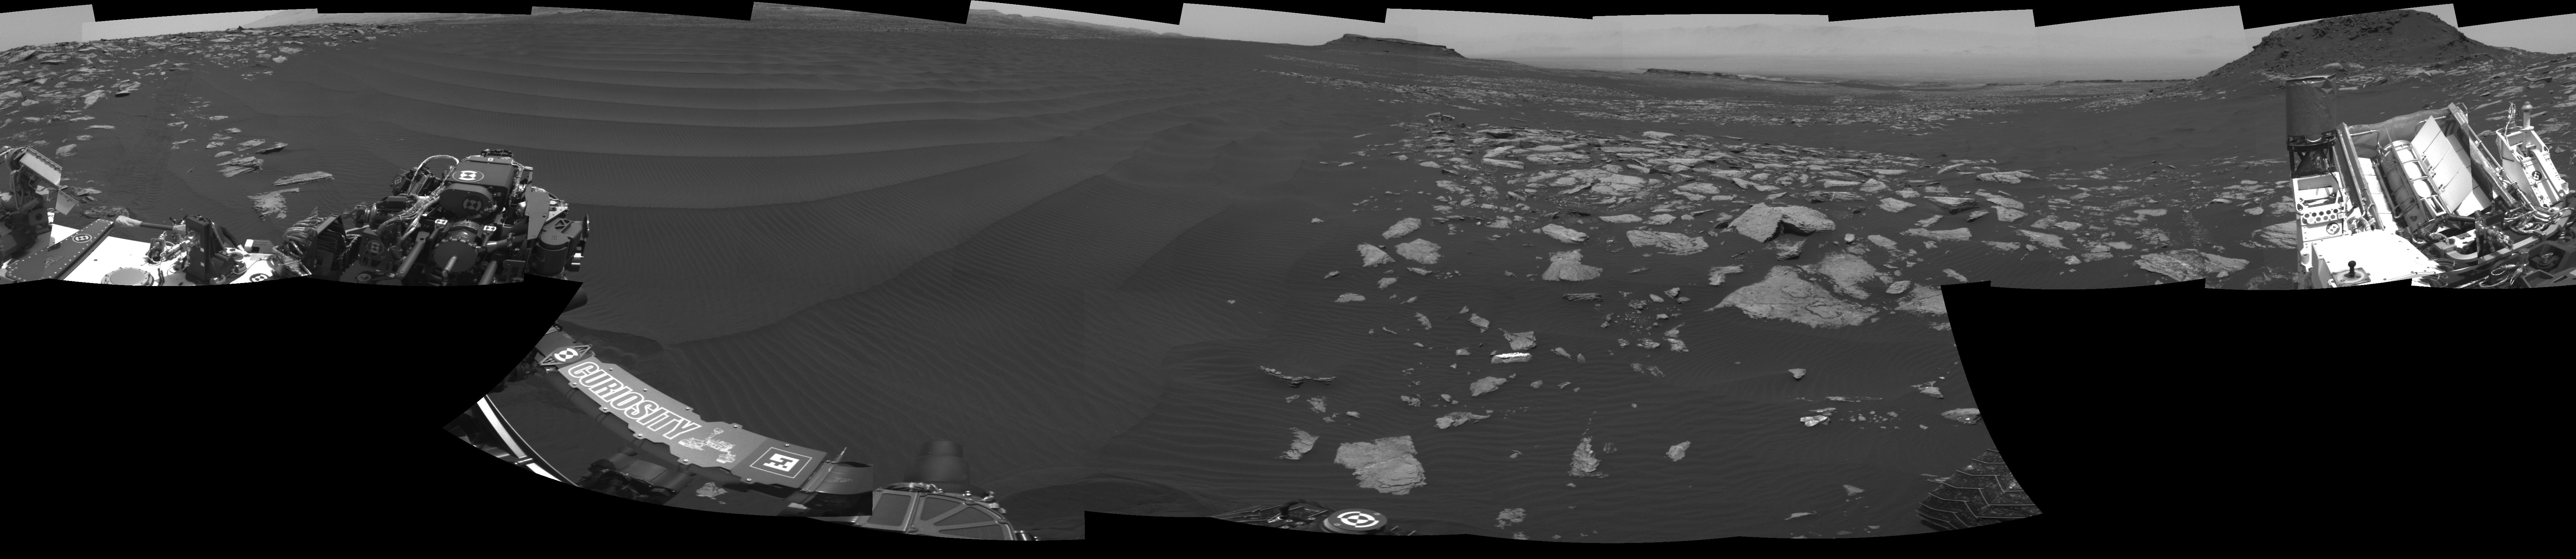 2017.03.02:火星の砂丘地帯の360度パノラマ画像